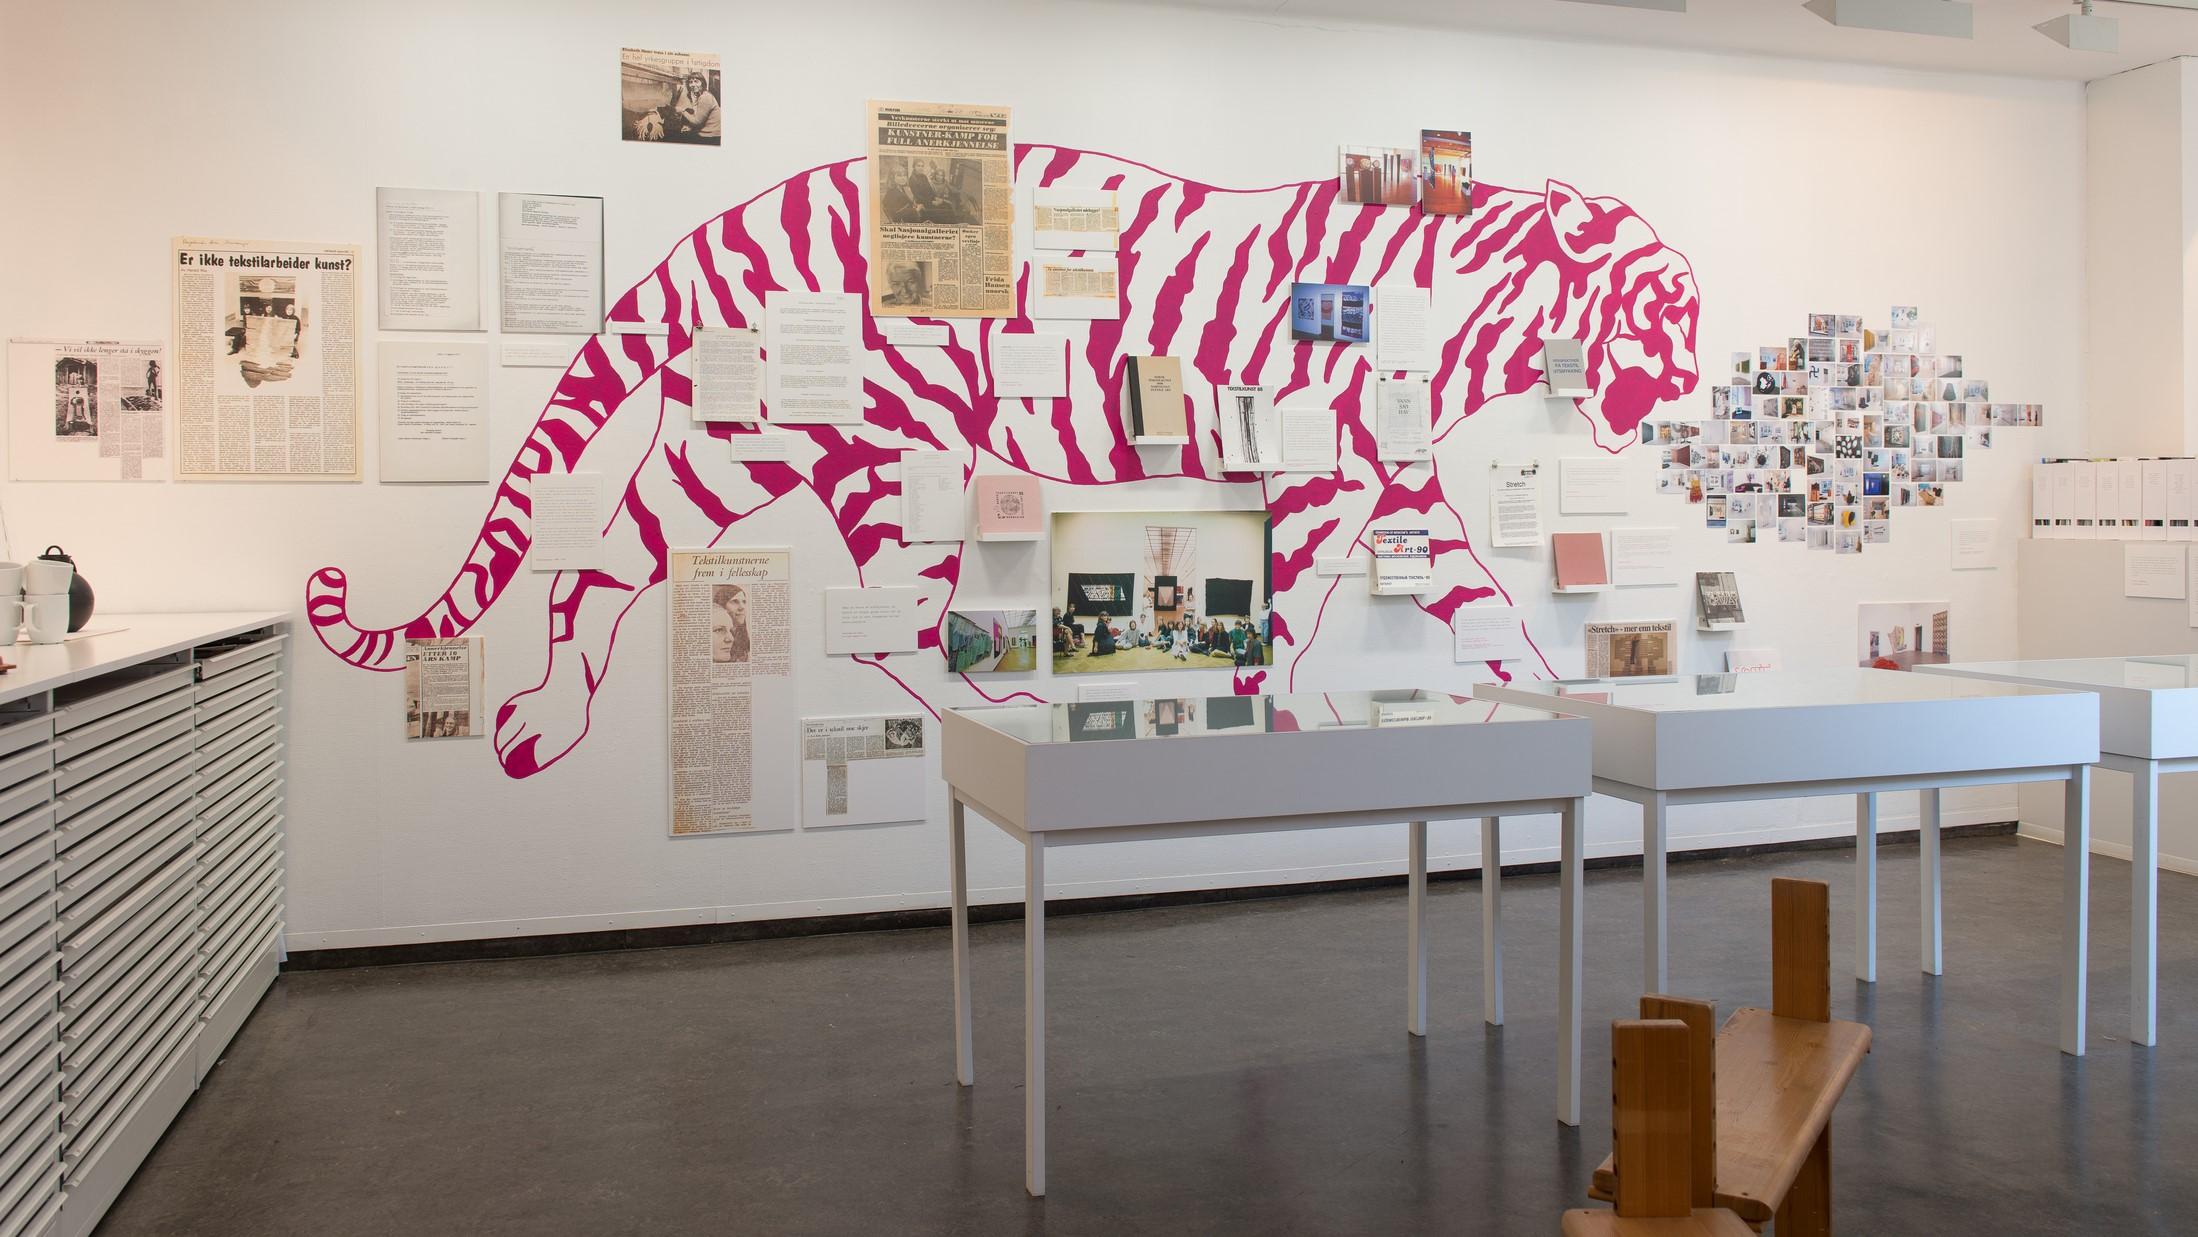 Presentasjon av deler av NTKs arkiv på 40-årsjubileumsutstillingen Ode til en vaskeklut, hymne til en tiger på Kunstnerforbundet i 2017. Foto: Thomas Tveter.